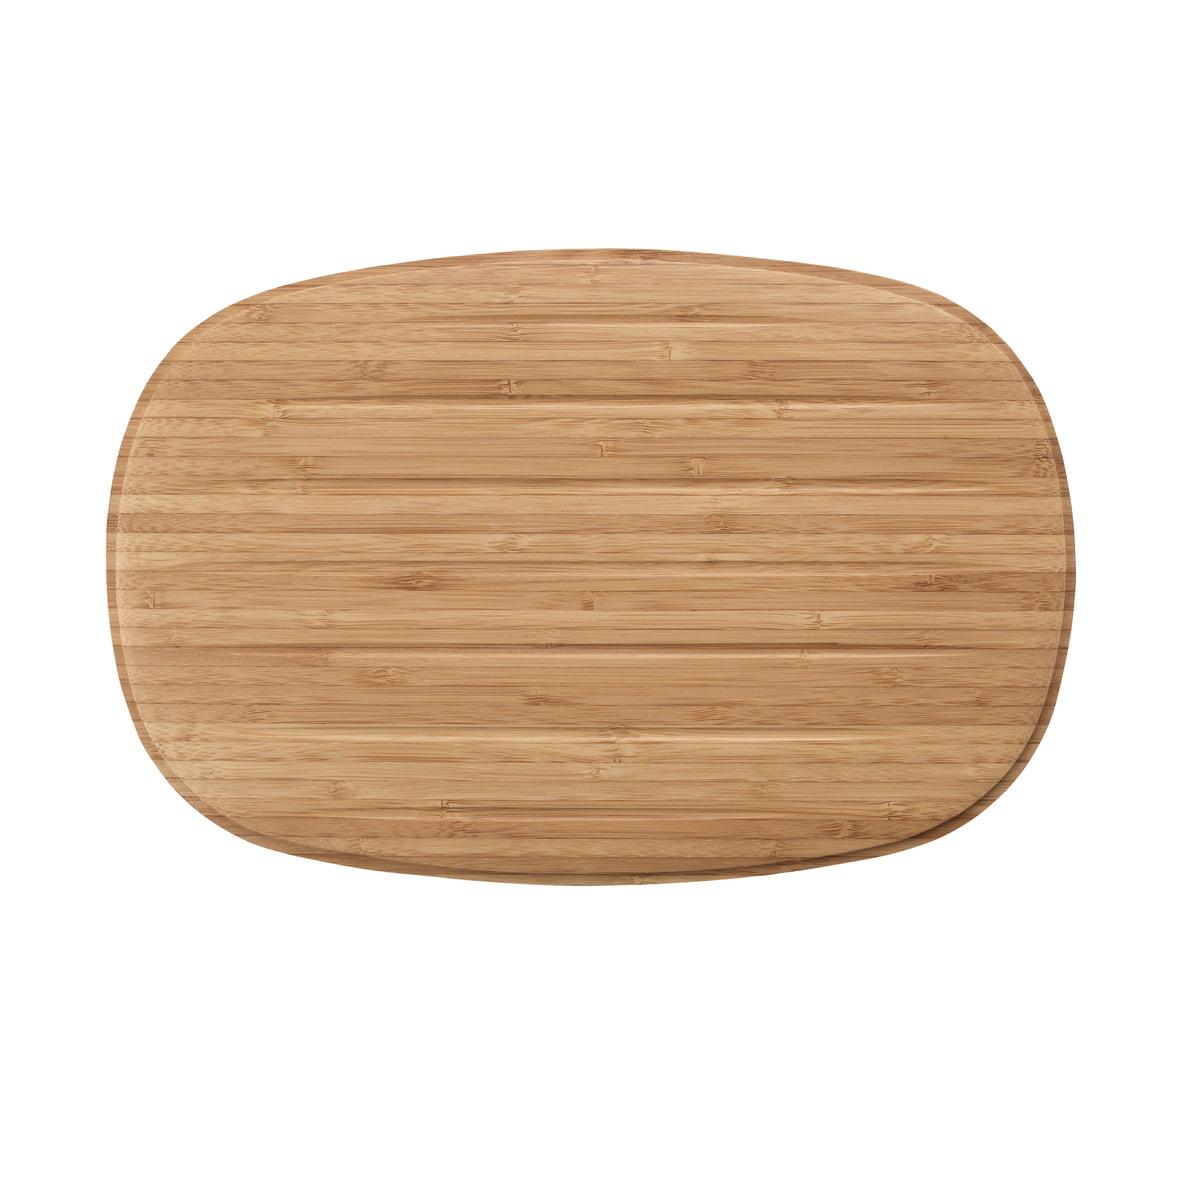 Rig-Tig by Stelton - Box-It Brotkasten, Ersatzdeckel   Küche und Esszimmer > Aufbewahrung > Brotkasten   Bambus natur   Bambus   Stelton